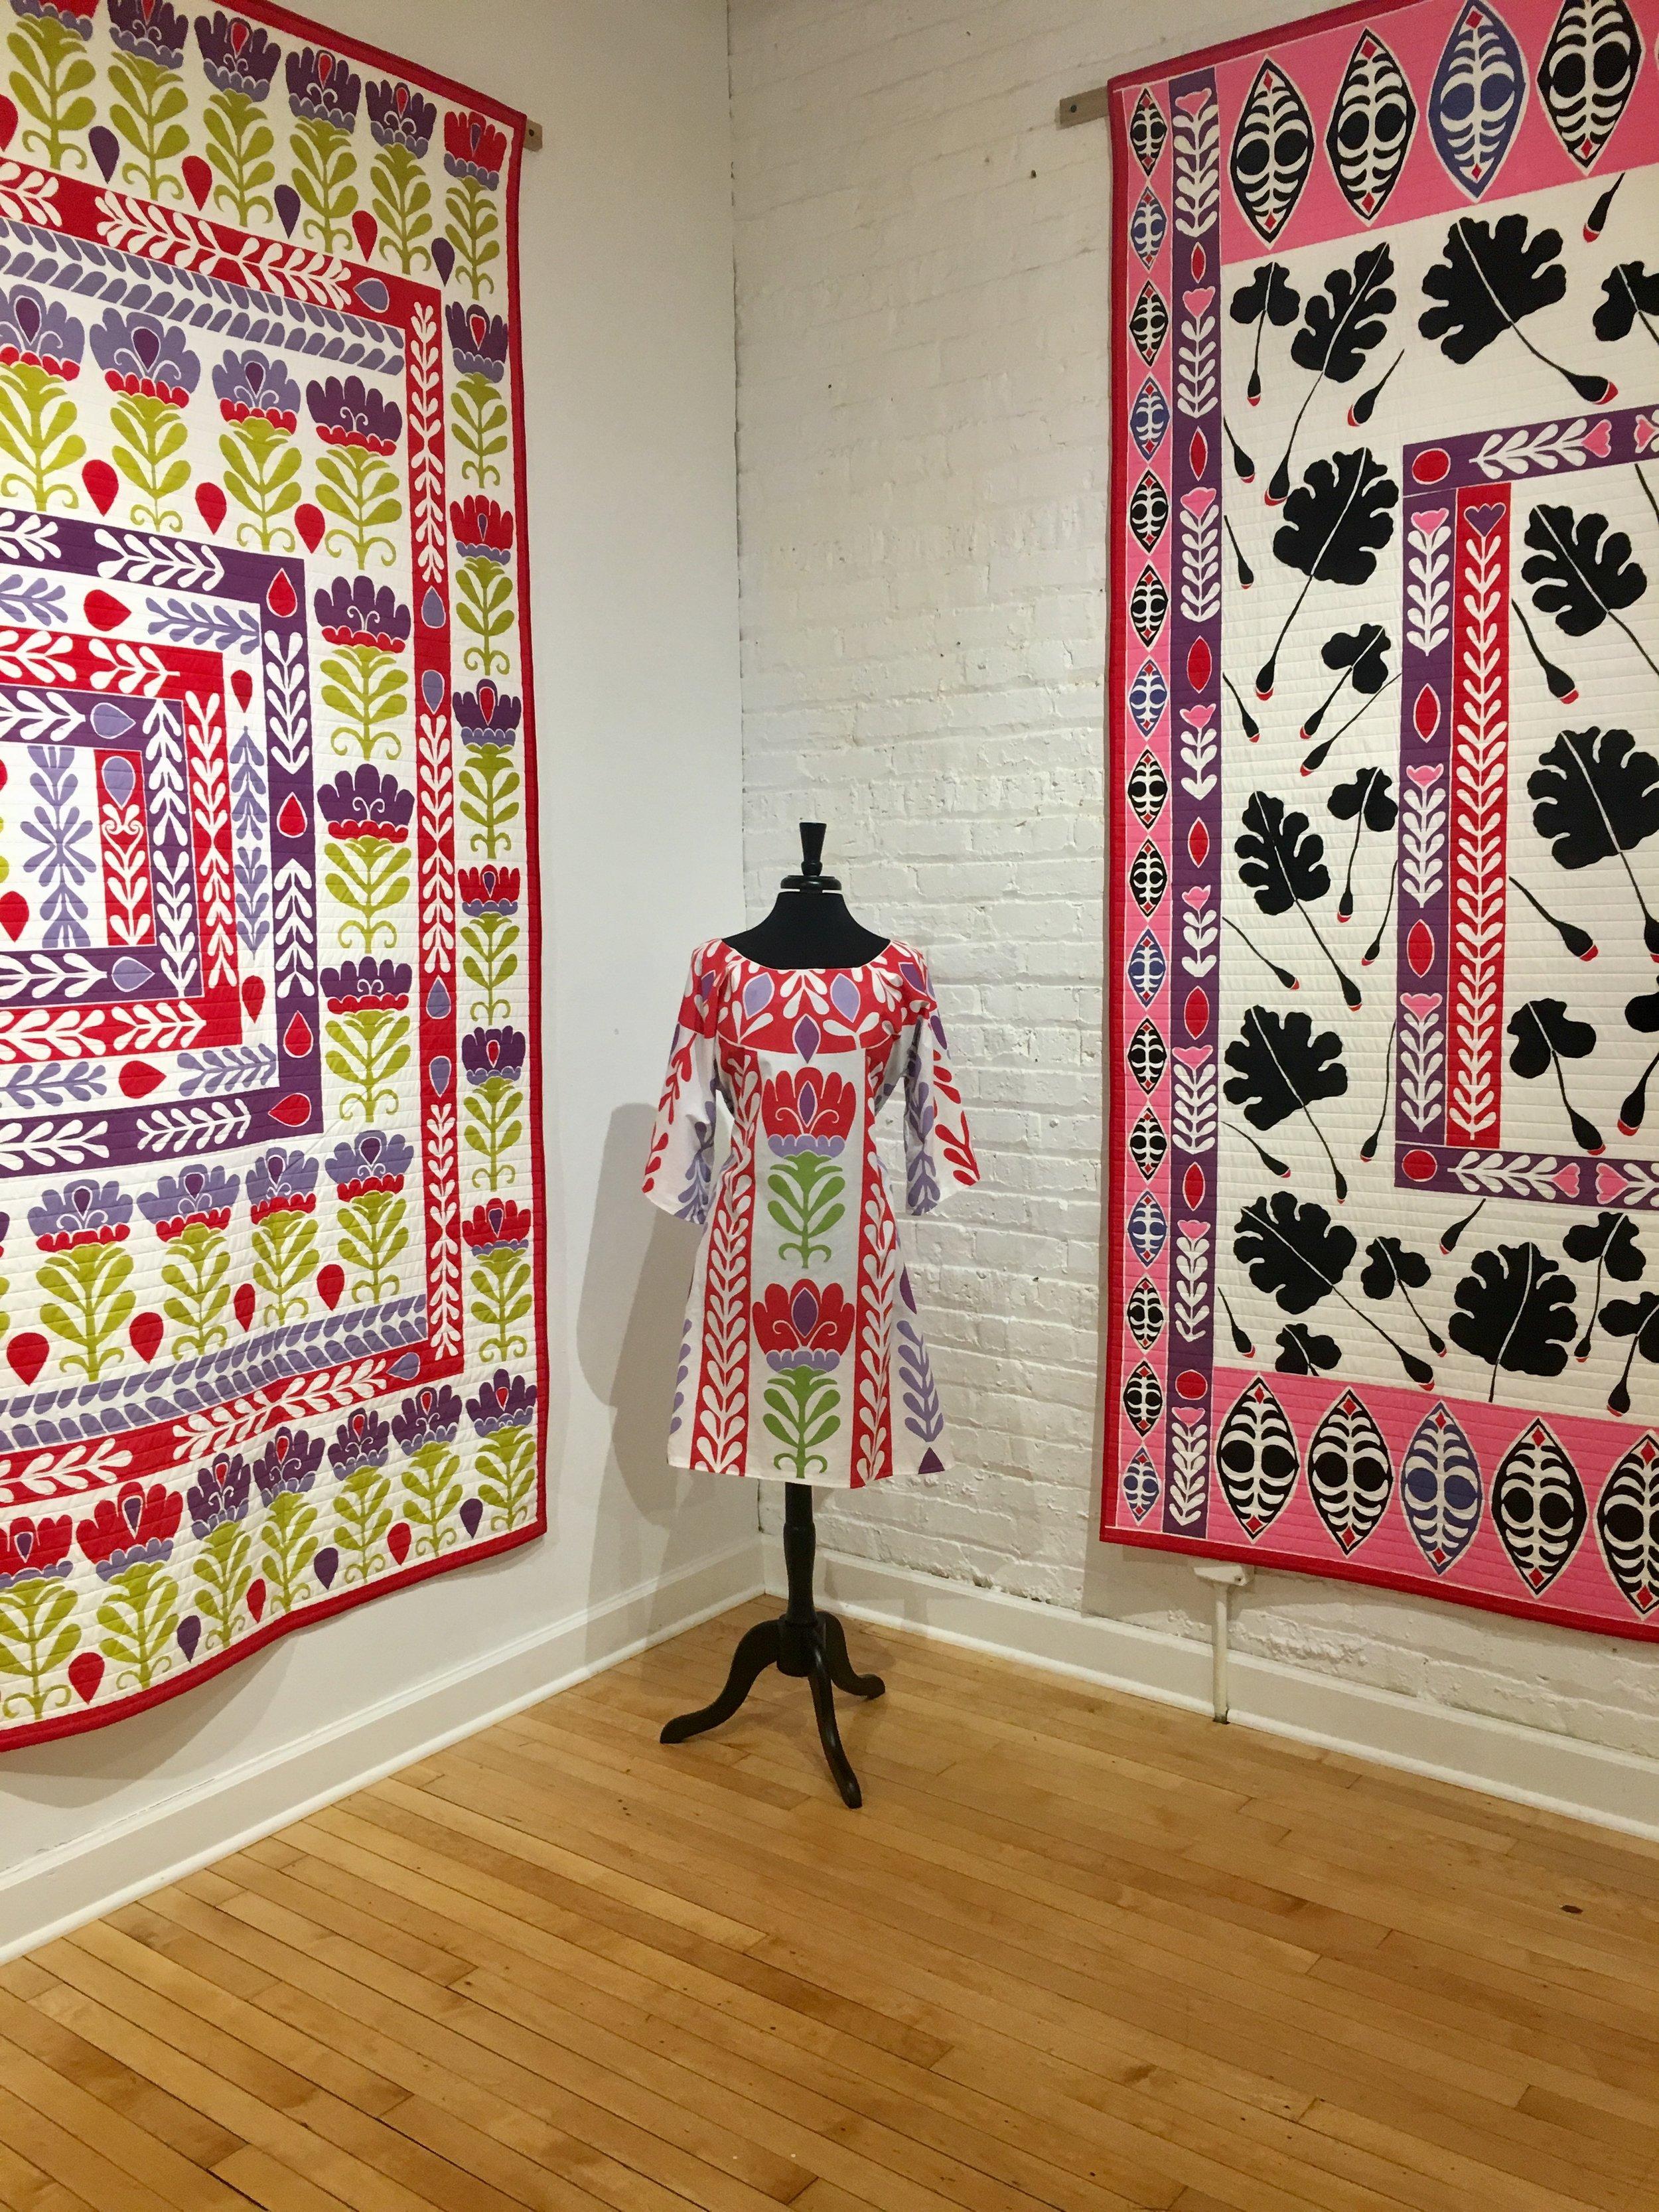 Textiles by Kirsten Aune